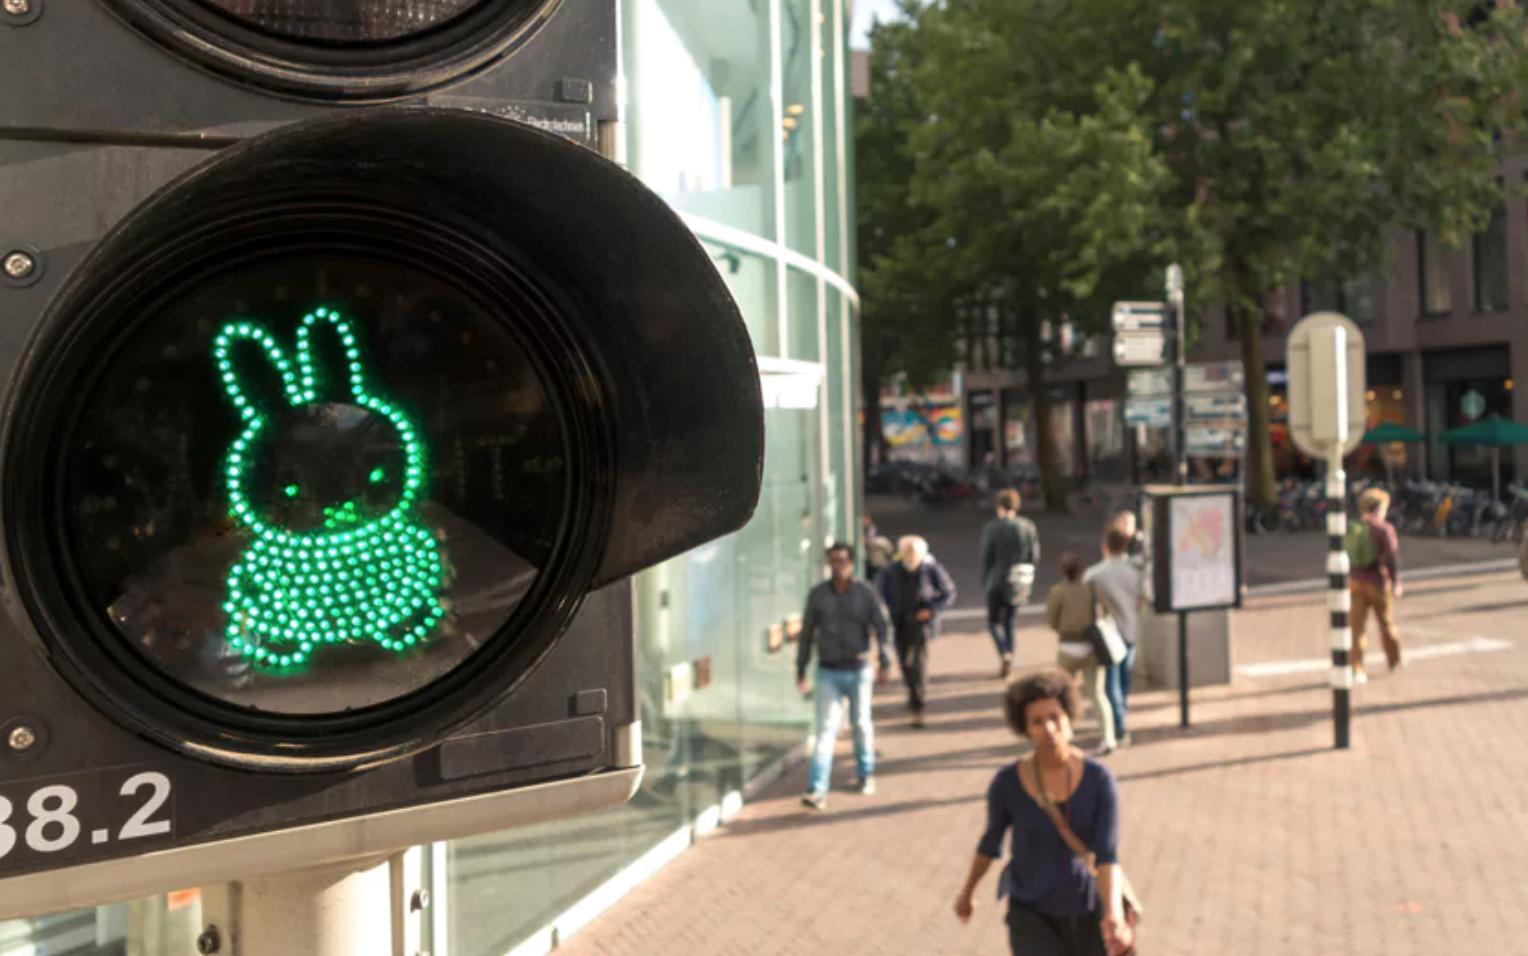 네덜란드의 귀여운 토끼, 미피(Miffy)에 대하여